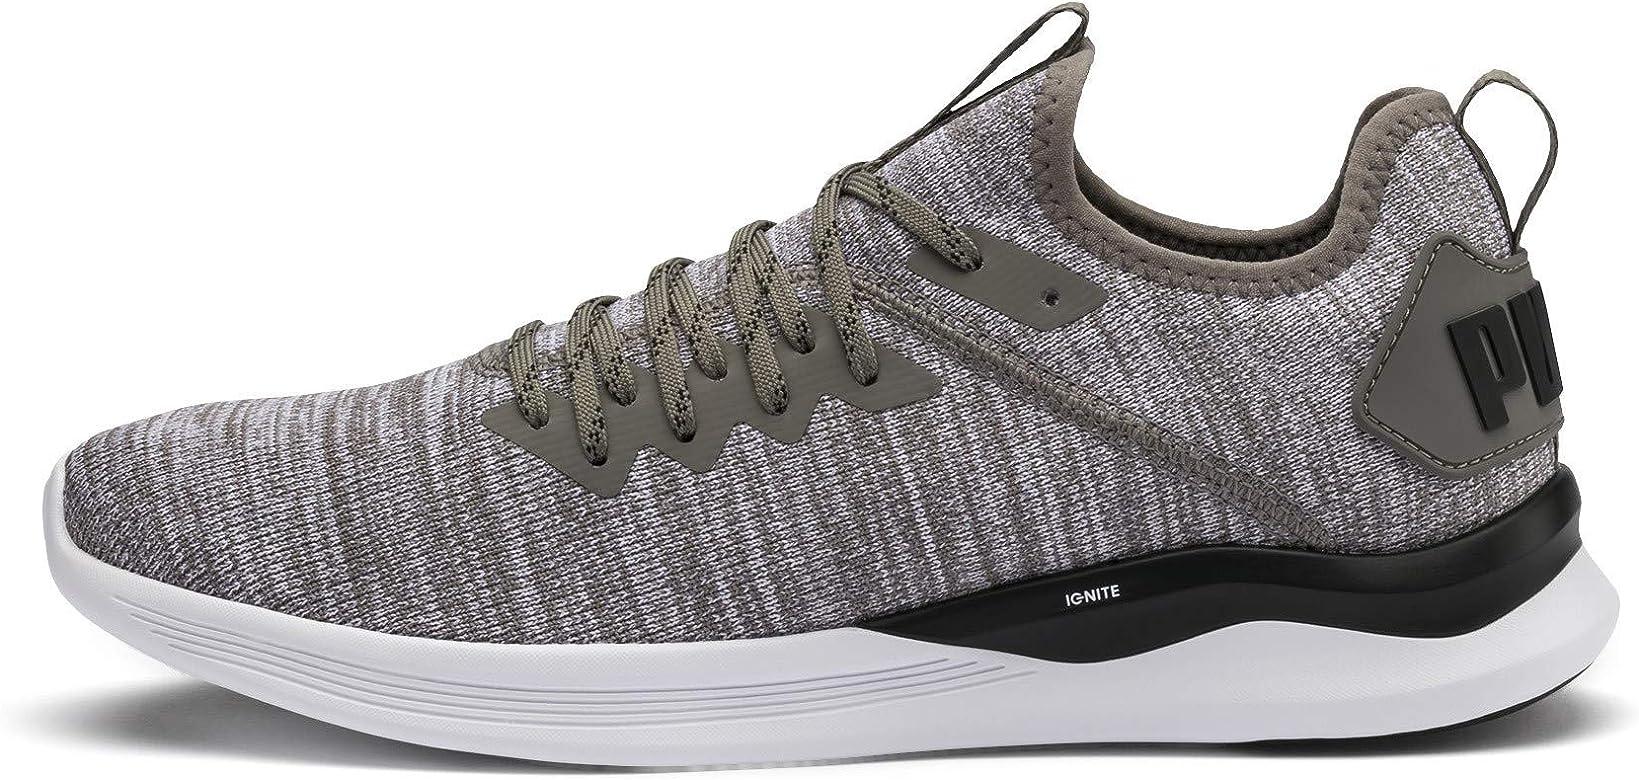 Puma Ignite Flash Evoknit, Zapatillas de Running para Hombre, Gris (Steel Gray Black 18), 40.5 EU: Amazon.es: Zapatos y complementos